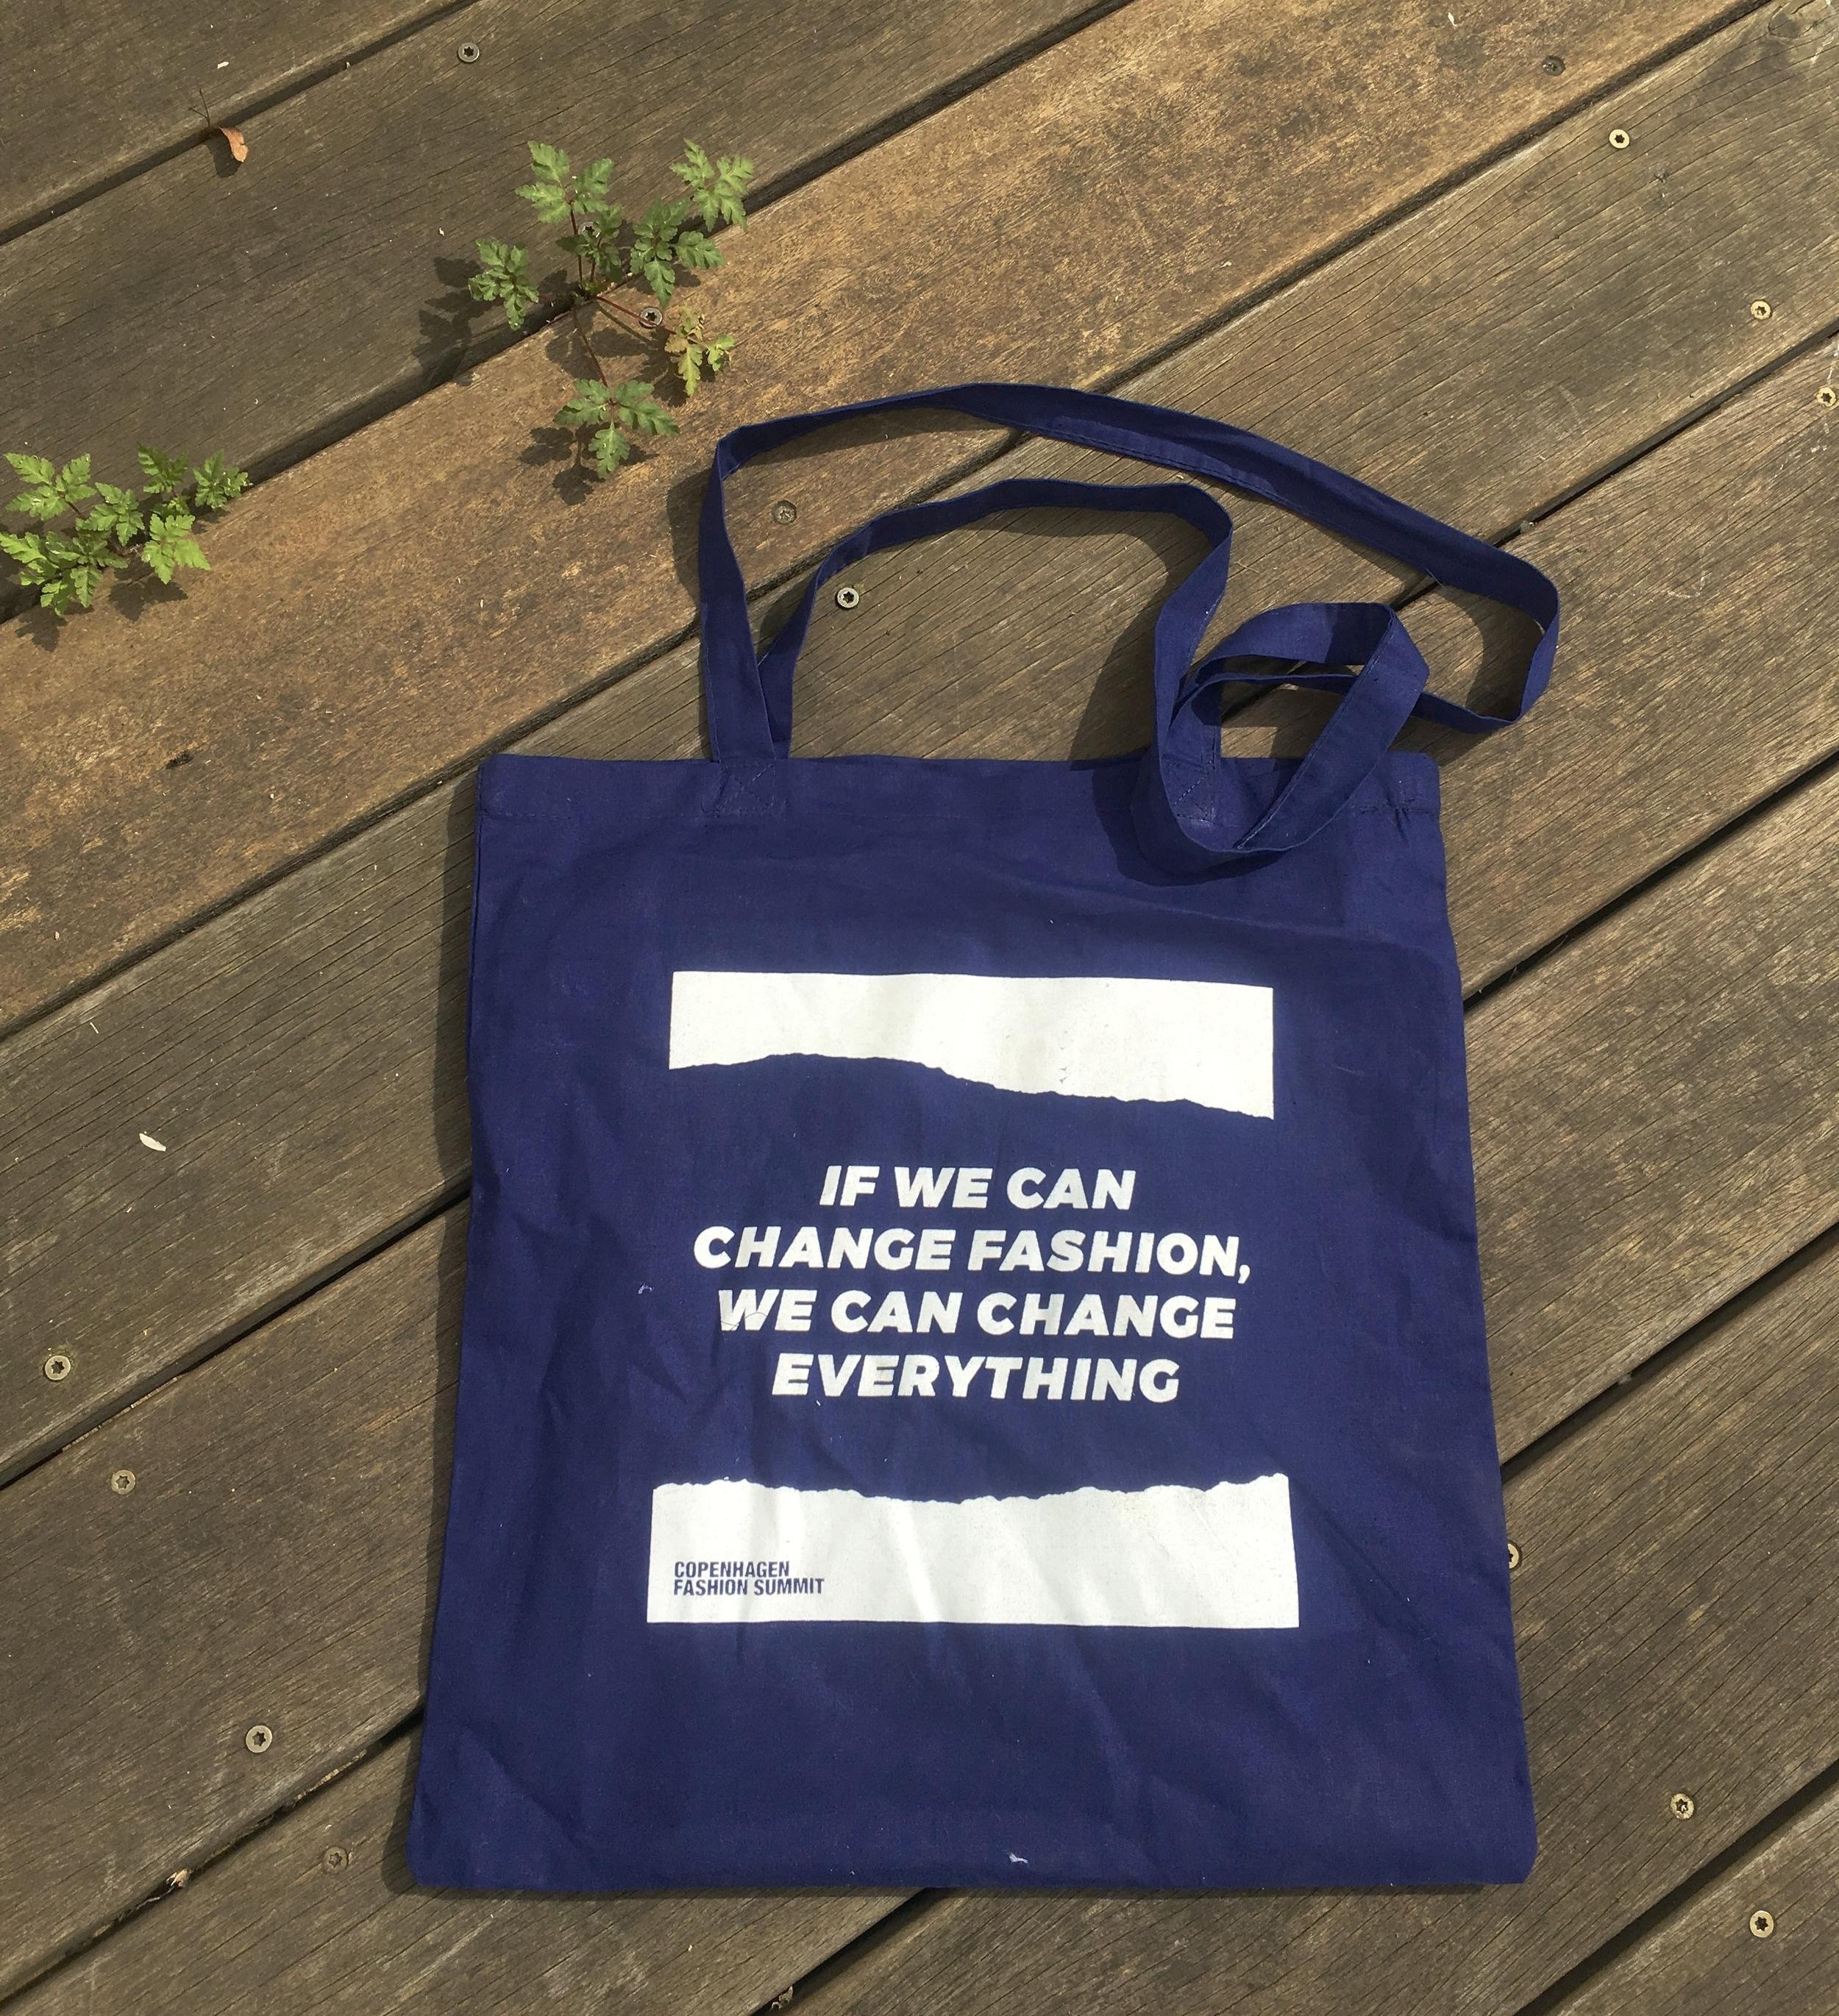 A goodie bag from Copenhagen Fashion Summit 2018.